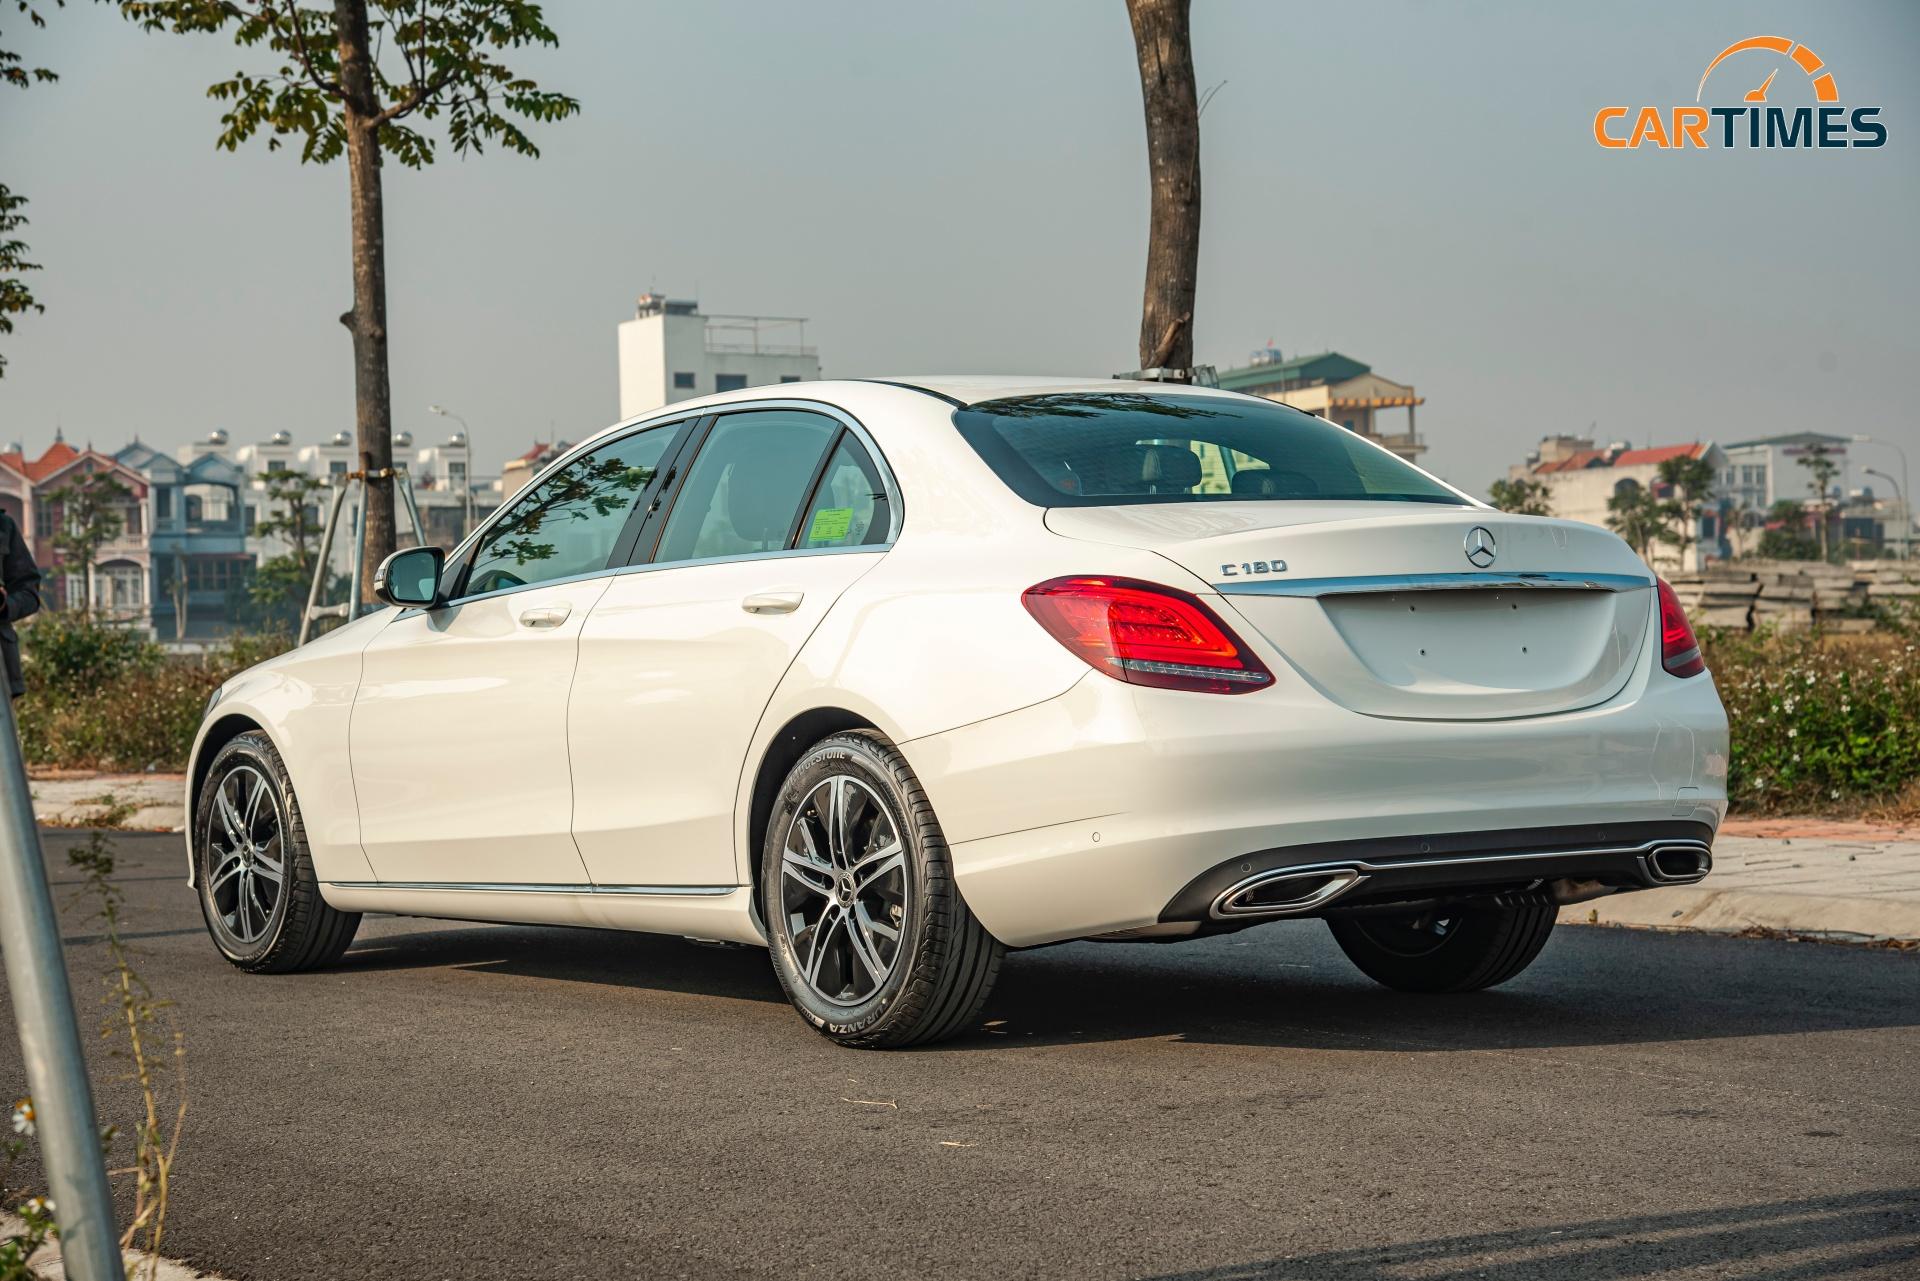 Còn mới tinh tươm, ODO chưa qua 50 km, Mercedes-Benz C 180 2020 đã được rao bán trên thị trường xe cũ -5